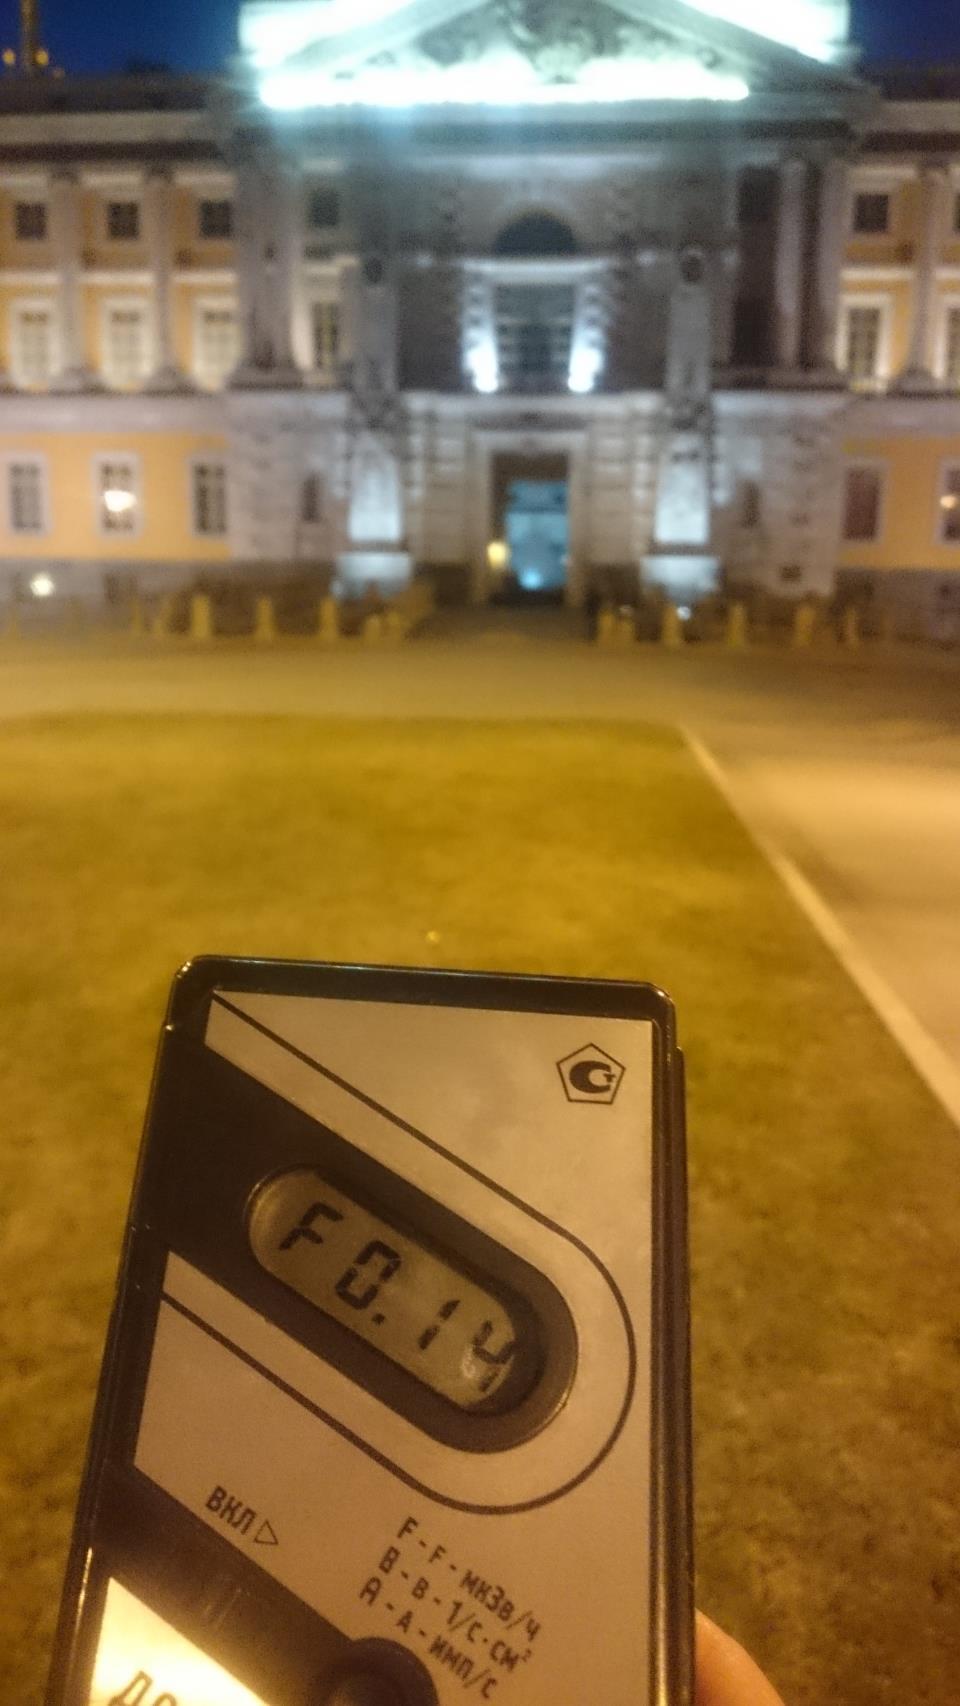 Точка измерения МЭД гамма-излучени напротив Михайловского замка в Санкт-Петербурге